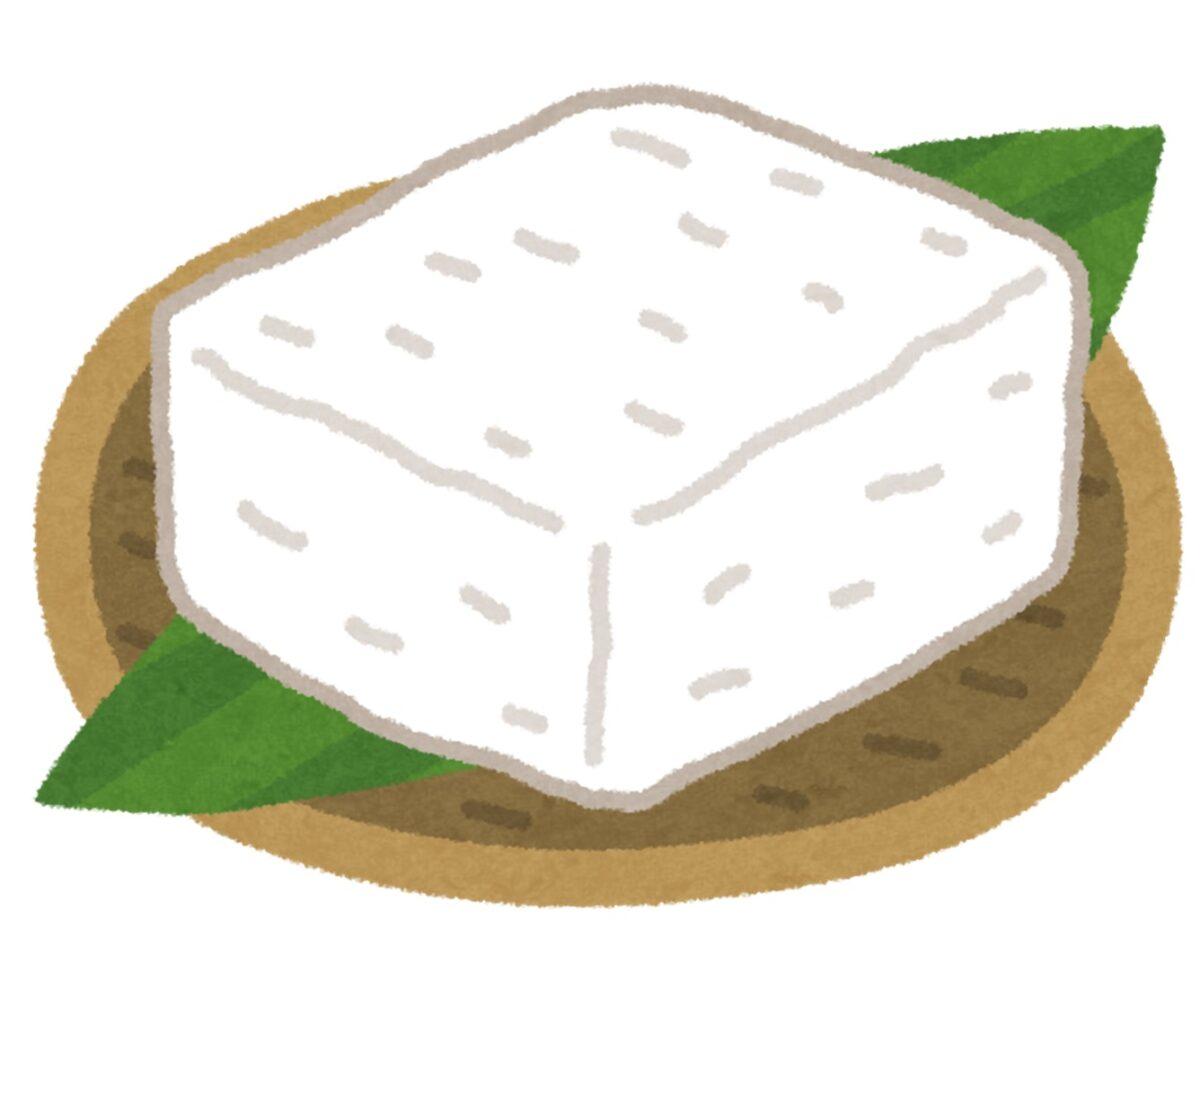 【イベント】2021.9/11(土)~26(日)土日開催☆堺市西区・濃厚な豆腐本来の味が楽しめる♪『伏見屋』の催事販売☆@おおとりウイングス: